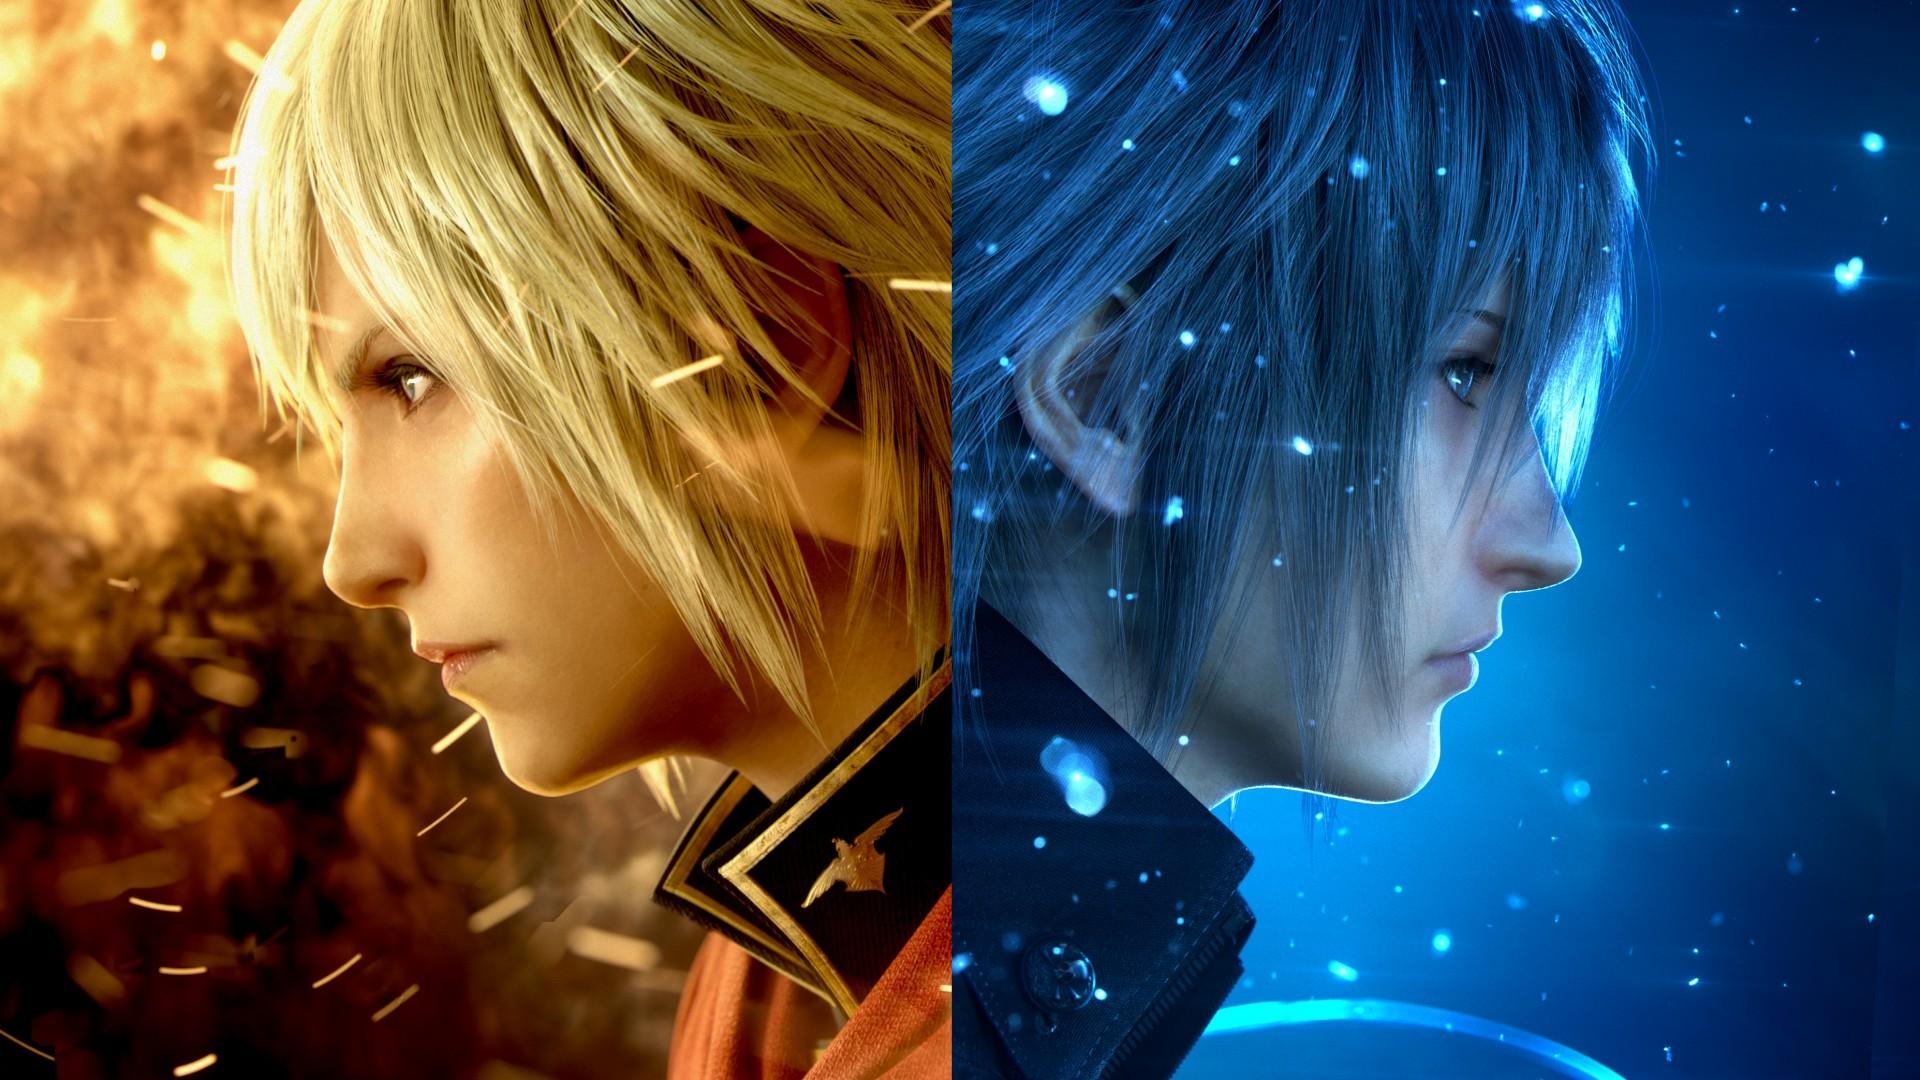 Games / Final Fantasy XV Wallpaper